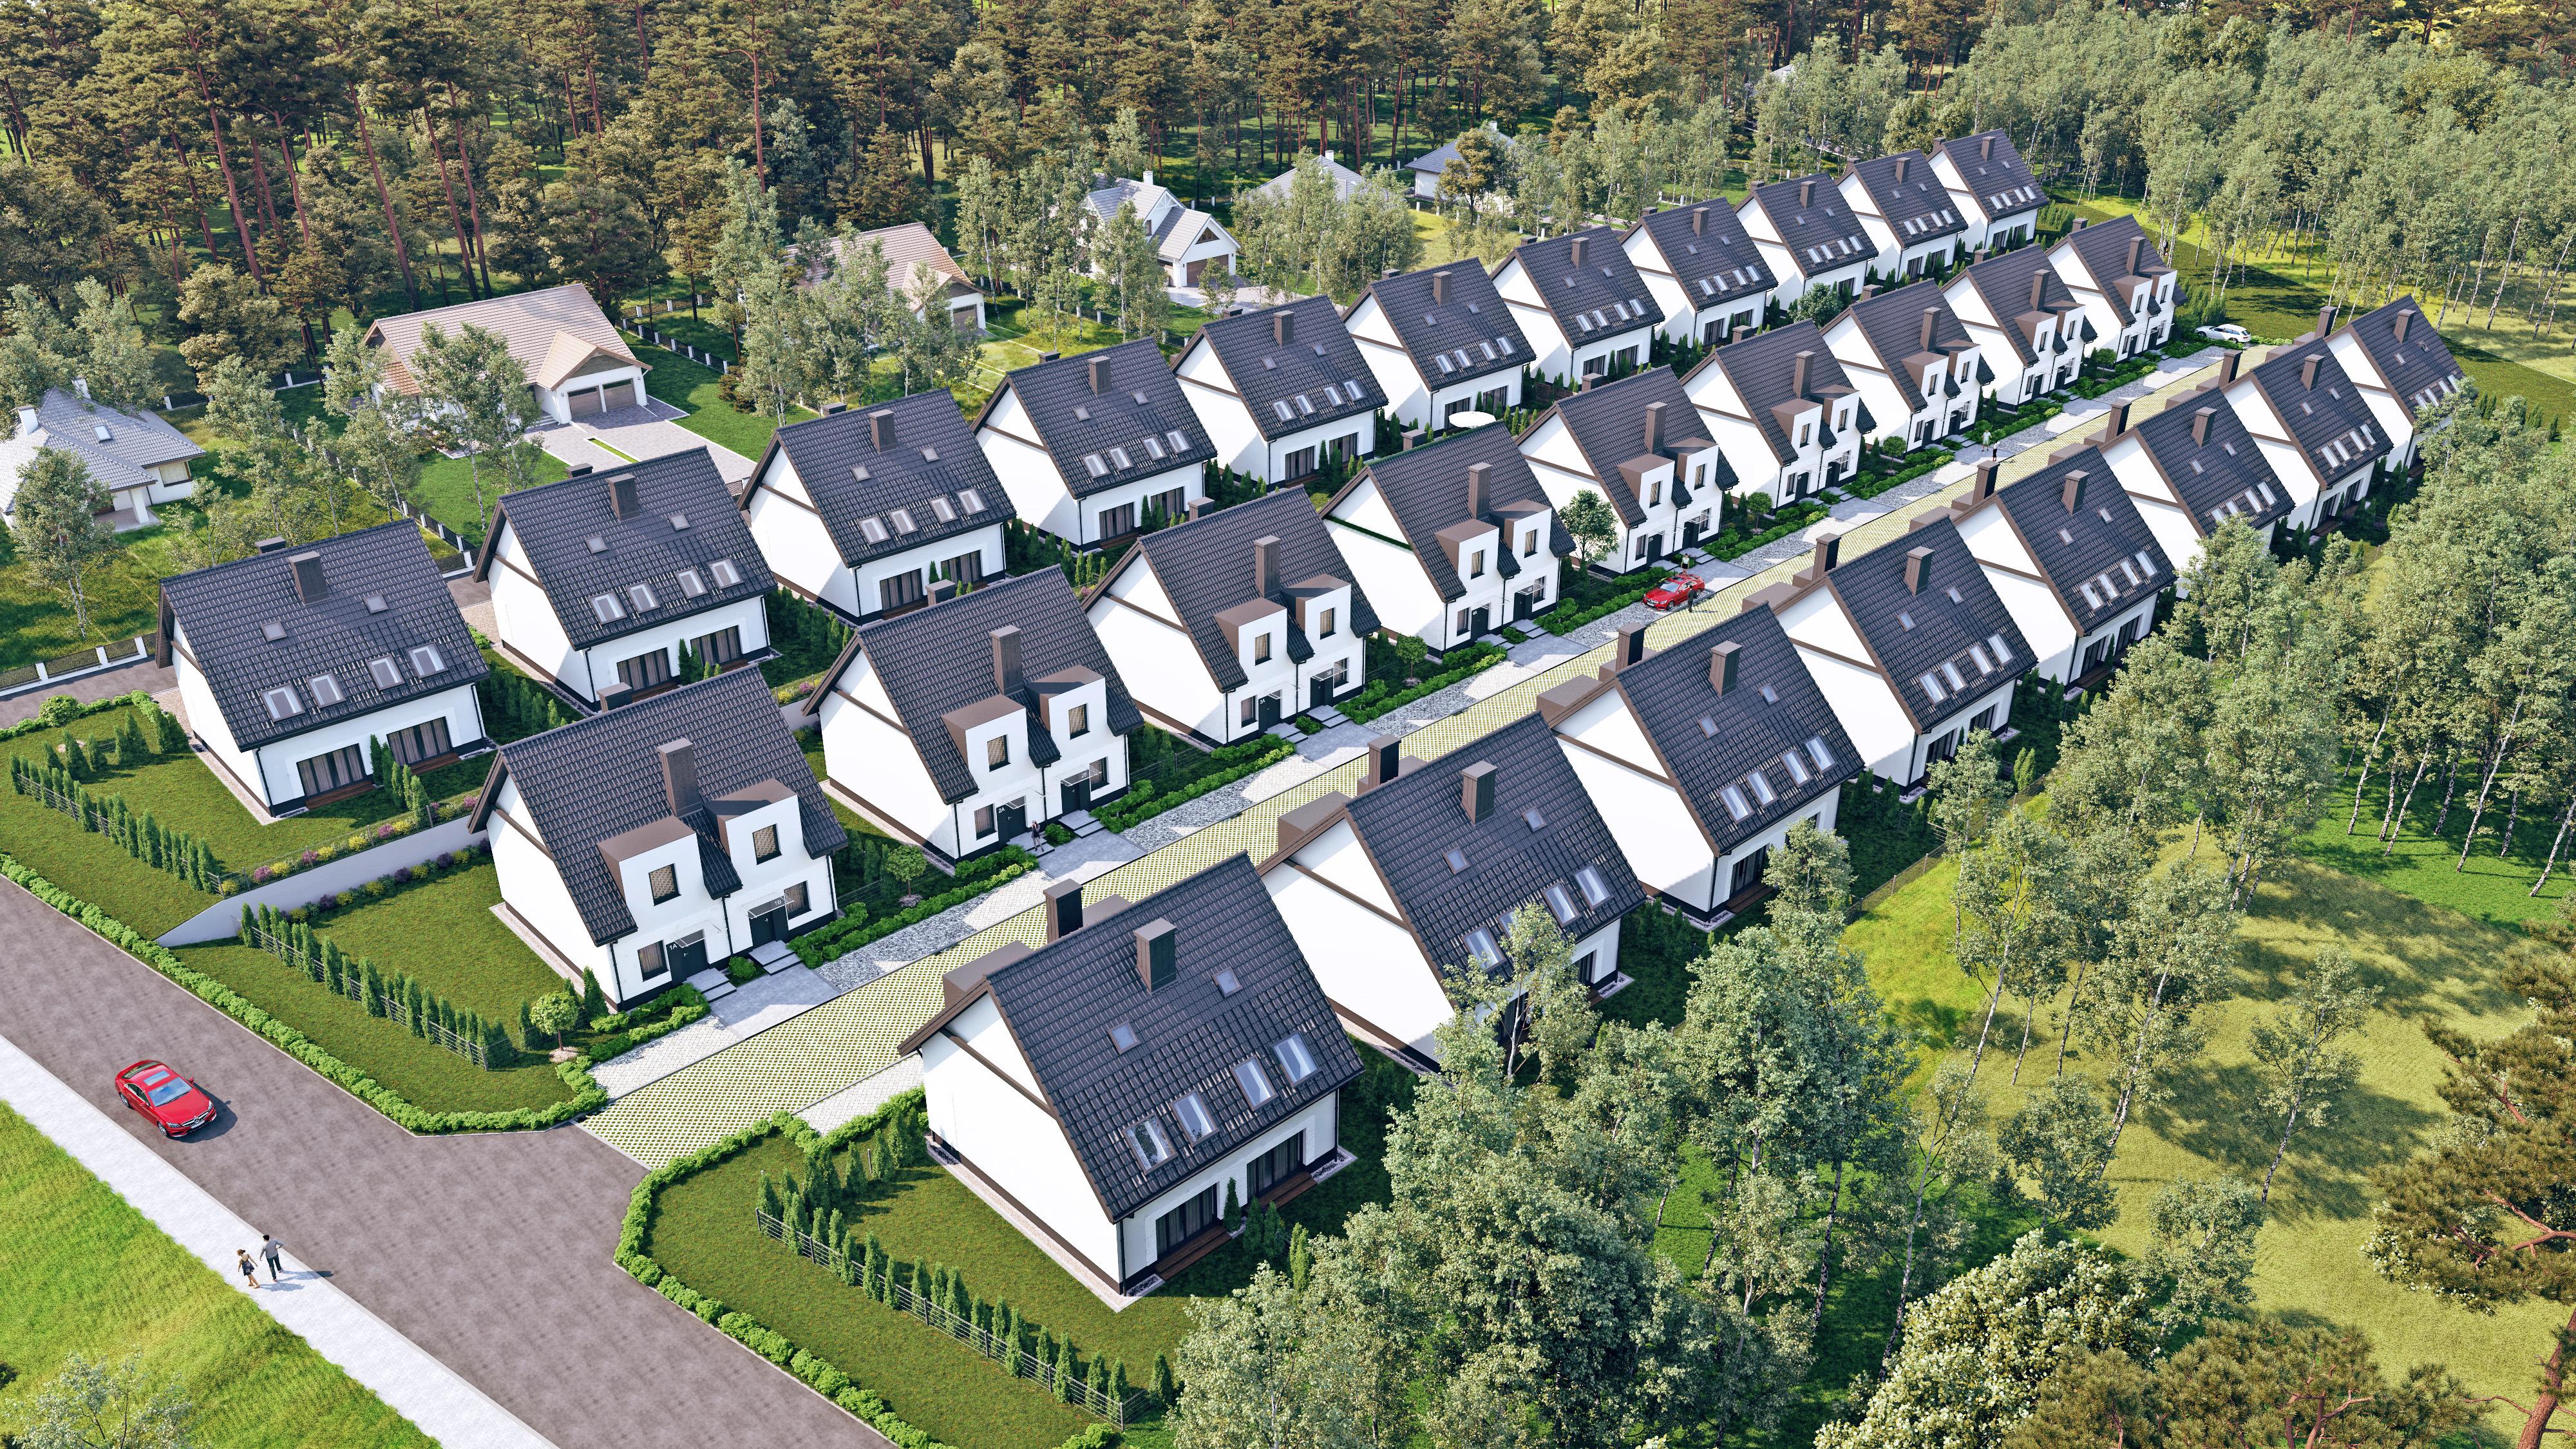 Domy na przedmieściach - bliźniaki